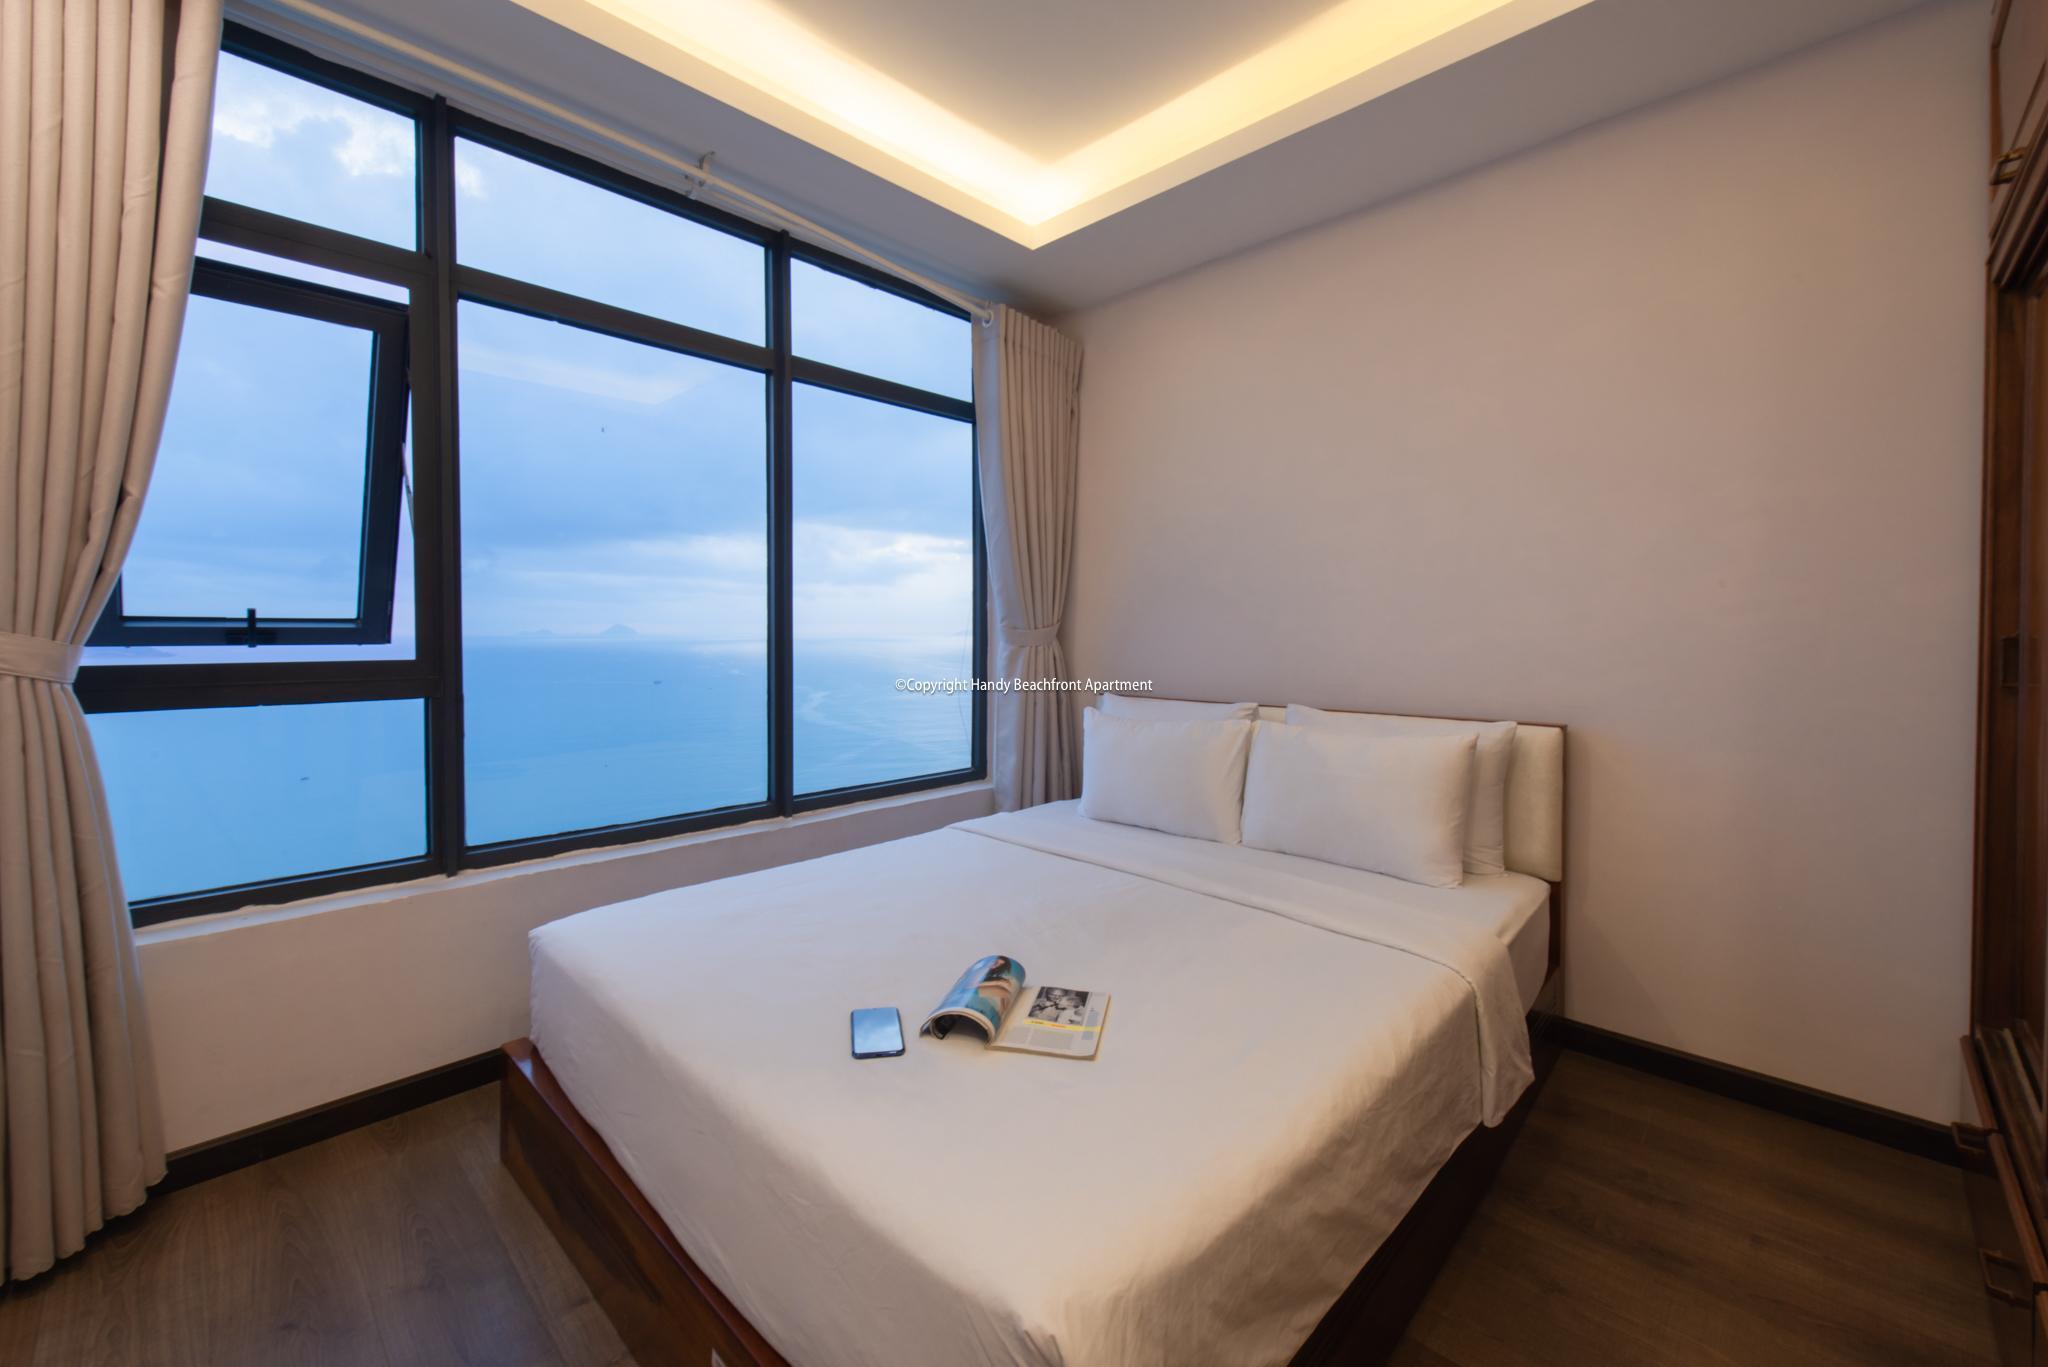 15. 3 BEDROOM OCEANVIEW +BALCONY By Handybeach